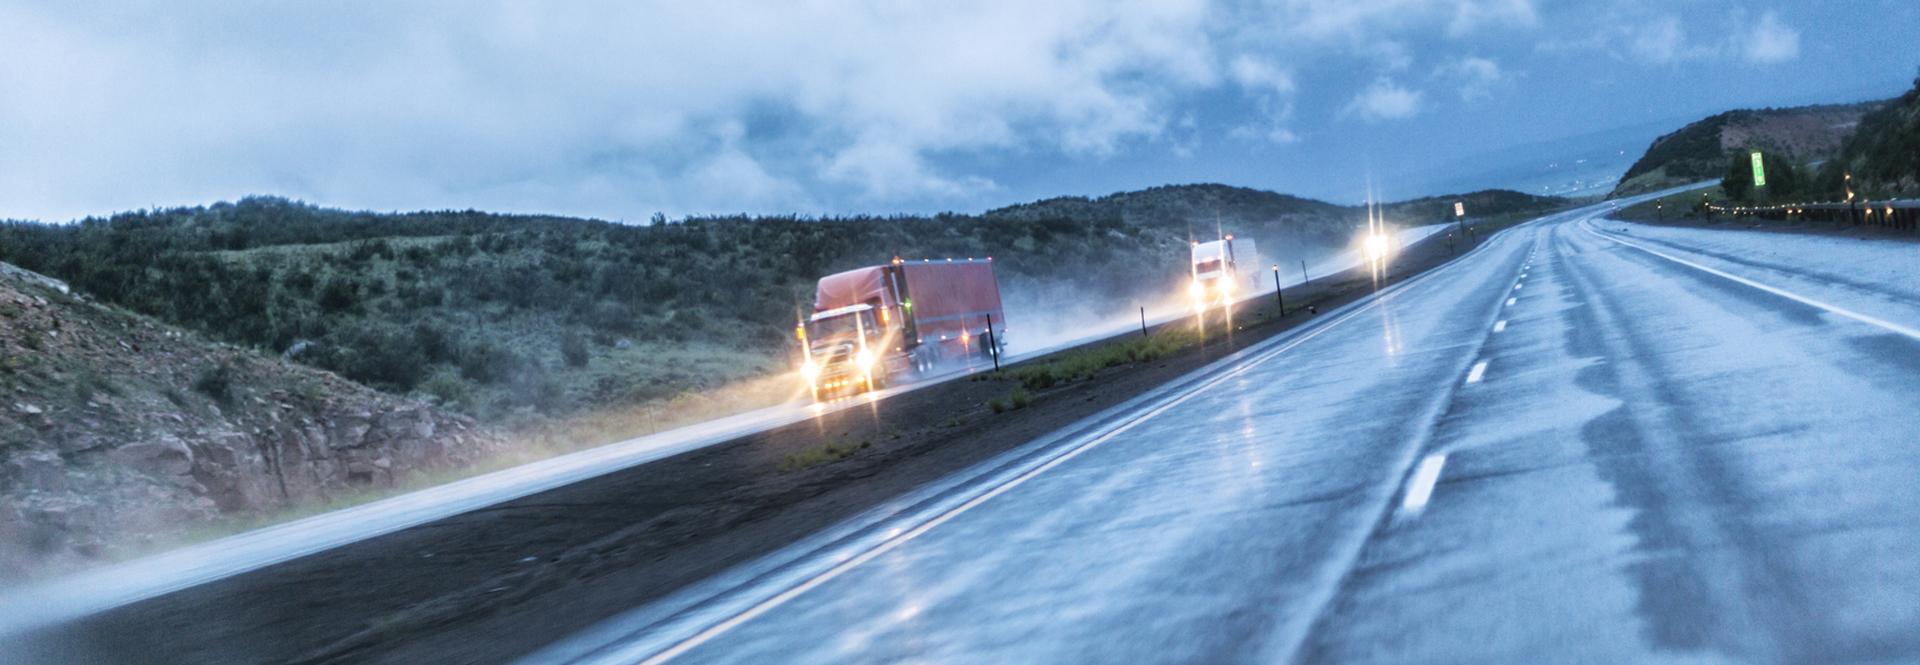 Camions sur autoroute de nuit au coucher du soleil et pluie